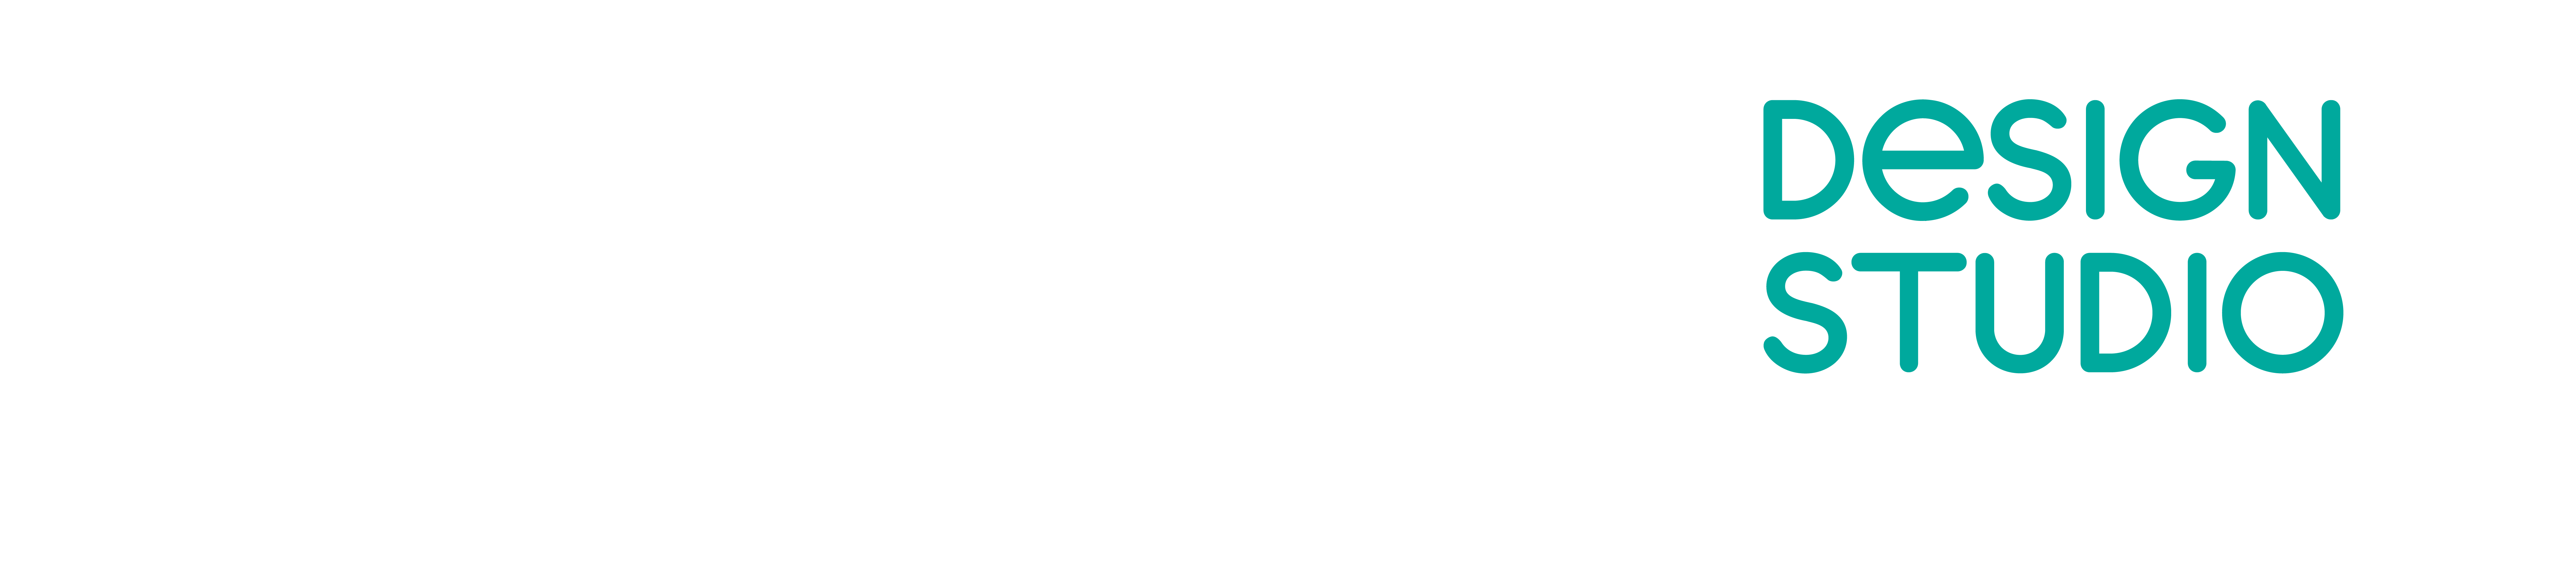 Designstudio_Meerum_Logo